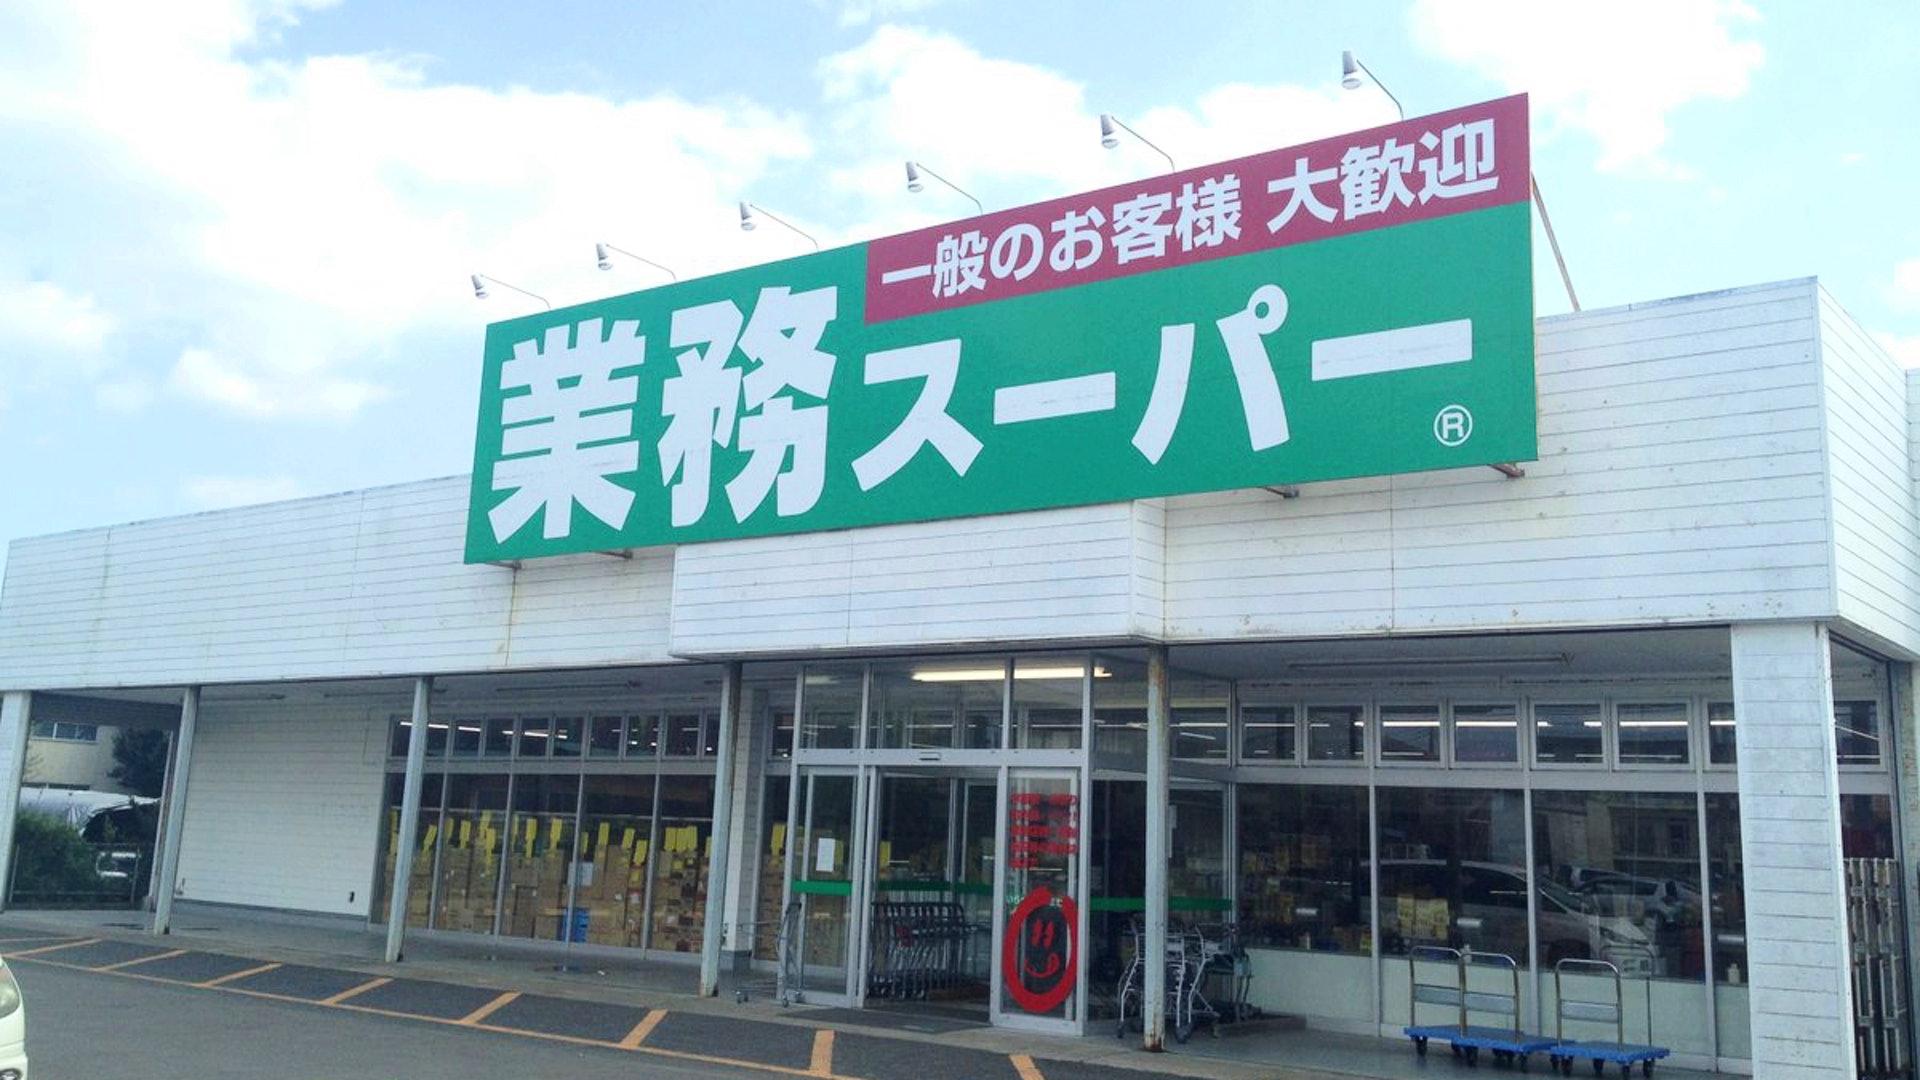 業務超市販賣的商品價格比較便宜。(twitter @ORENOkansai2016)